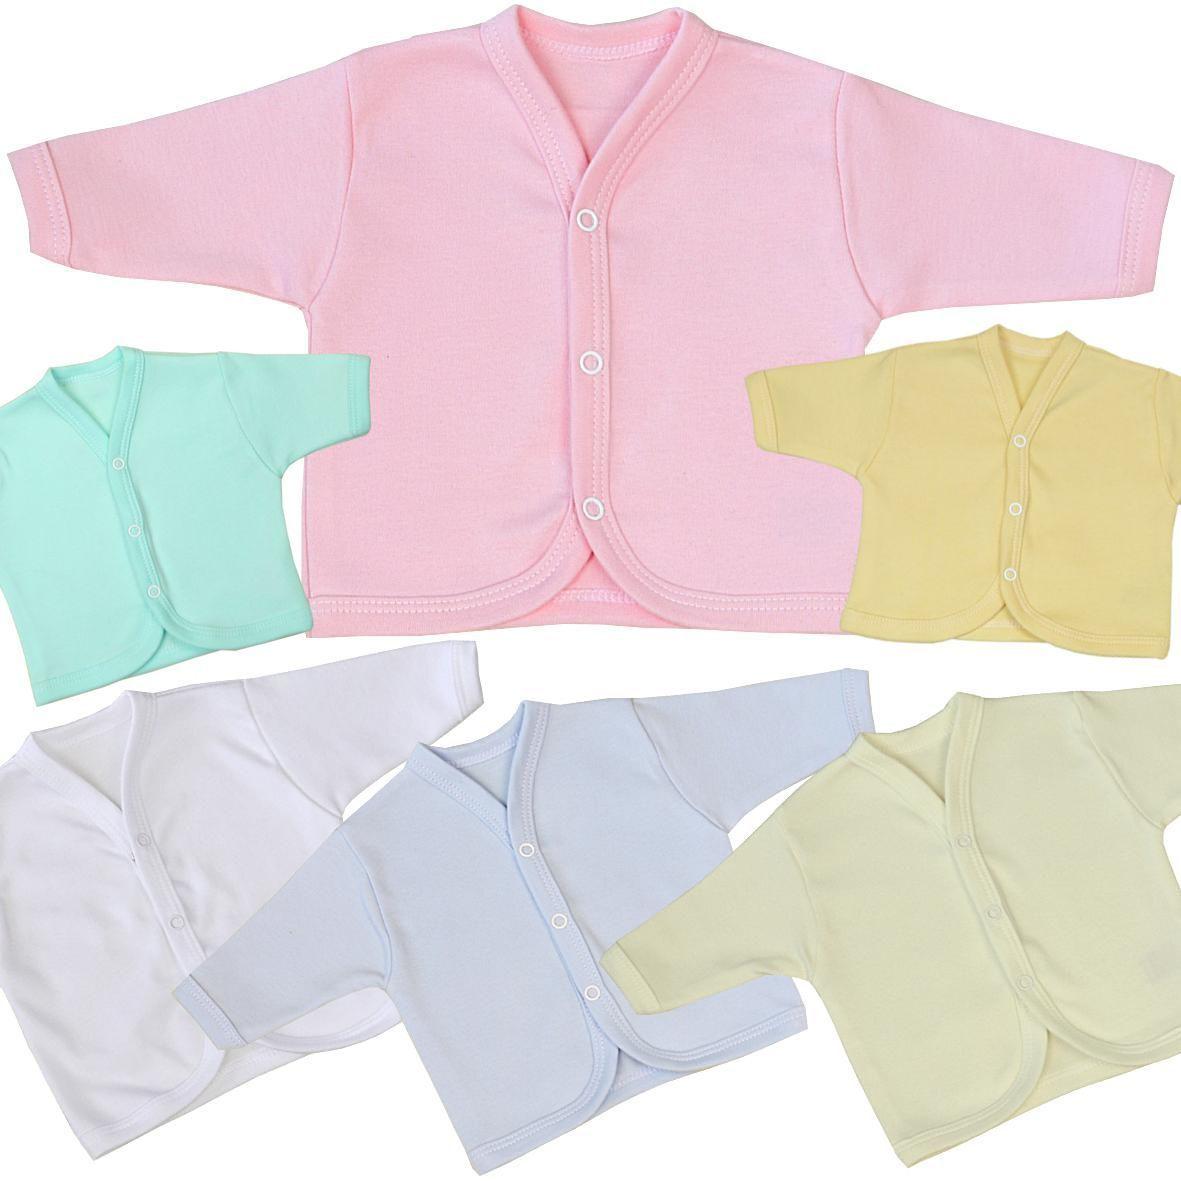 Babyprem Fr/ühchen Babykleidung StrickJ/äckchen Pullover Spitzen M/ädchen Jungen Unisex 38-50cm